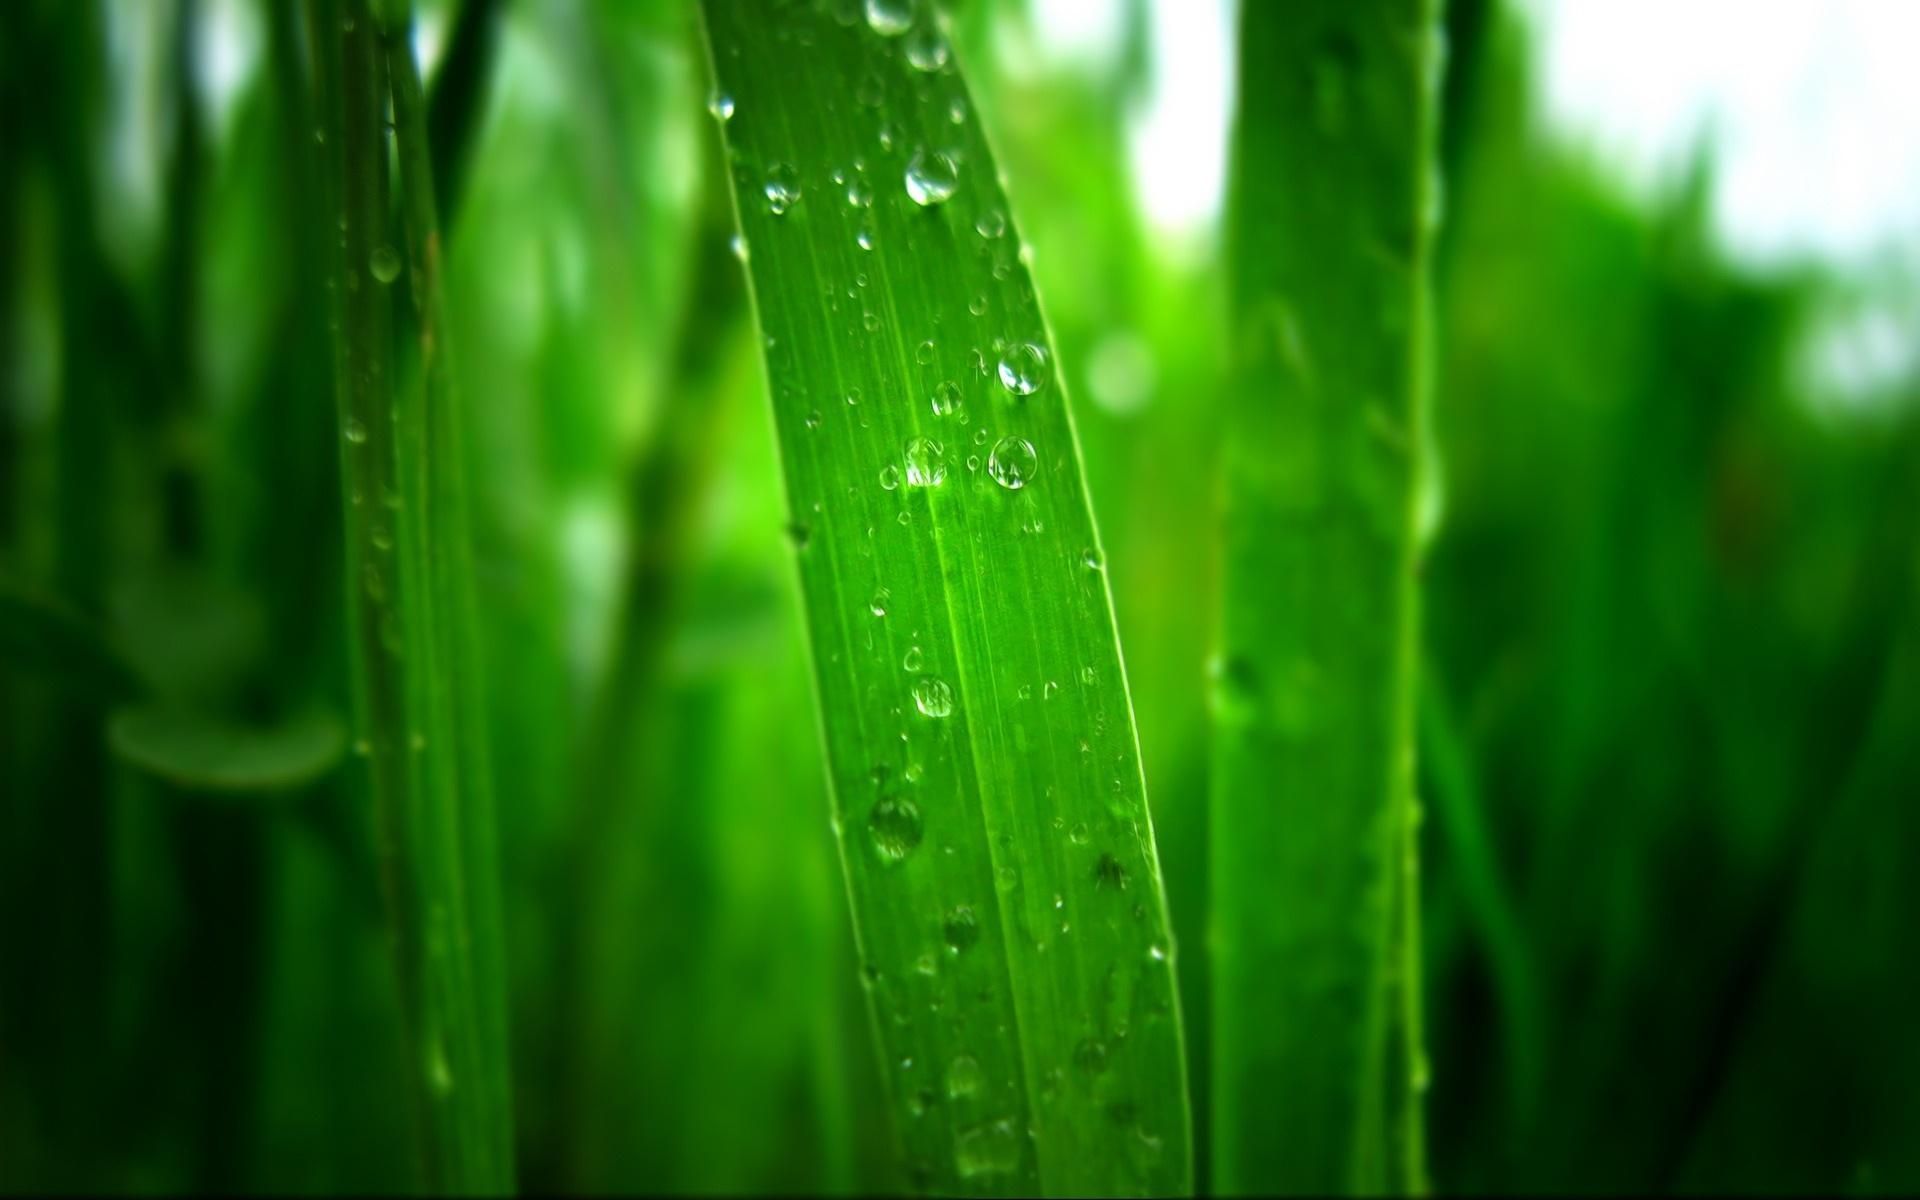 清晨绿草上的露珠 壁纸 - 1920x1200